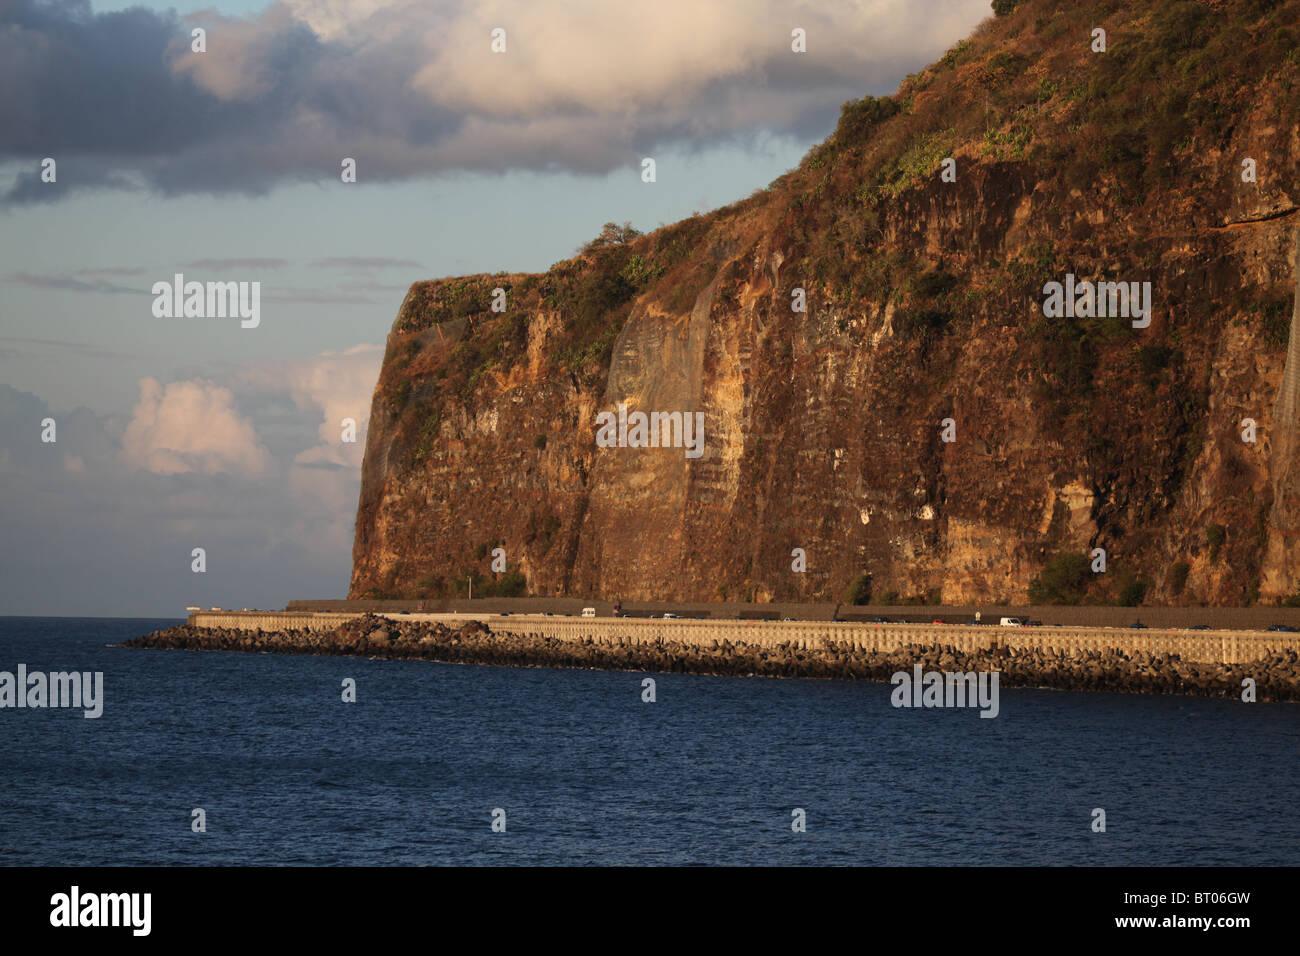 Route du littoral azur l'île de la réunion Photo Stock